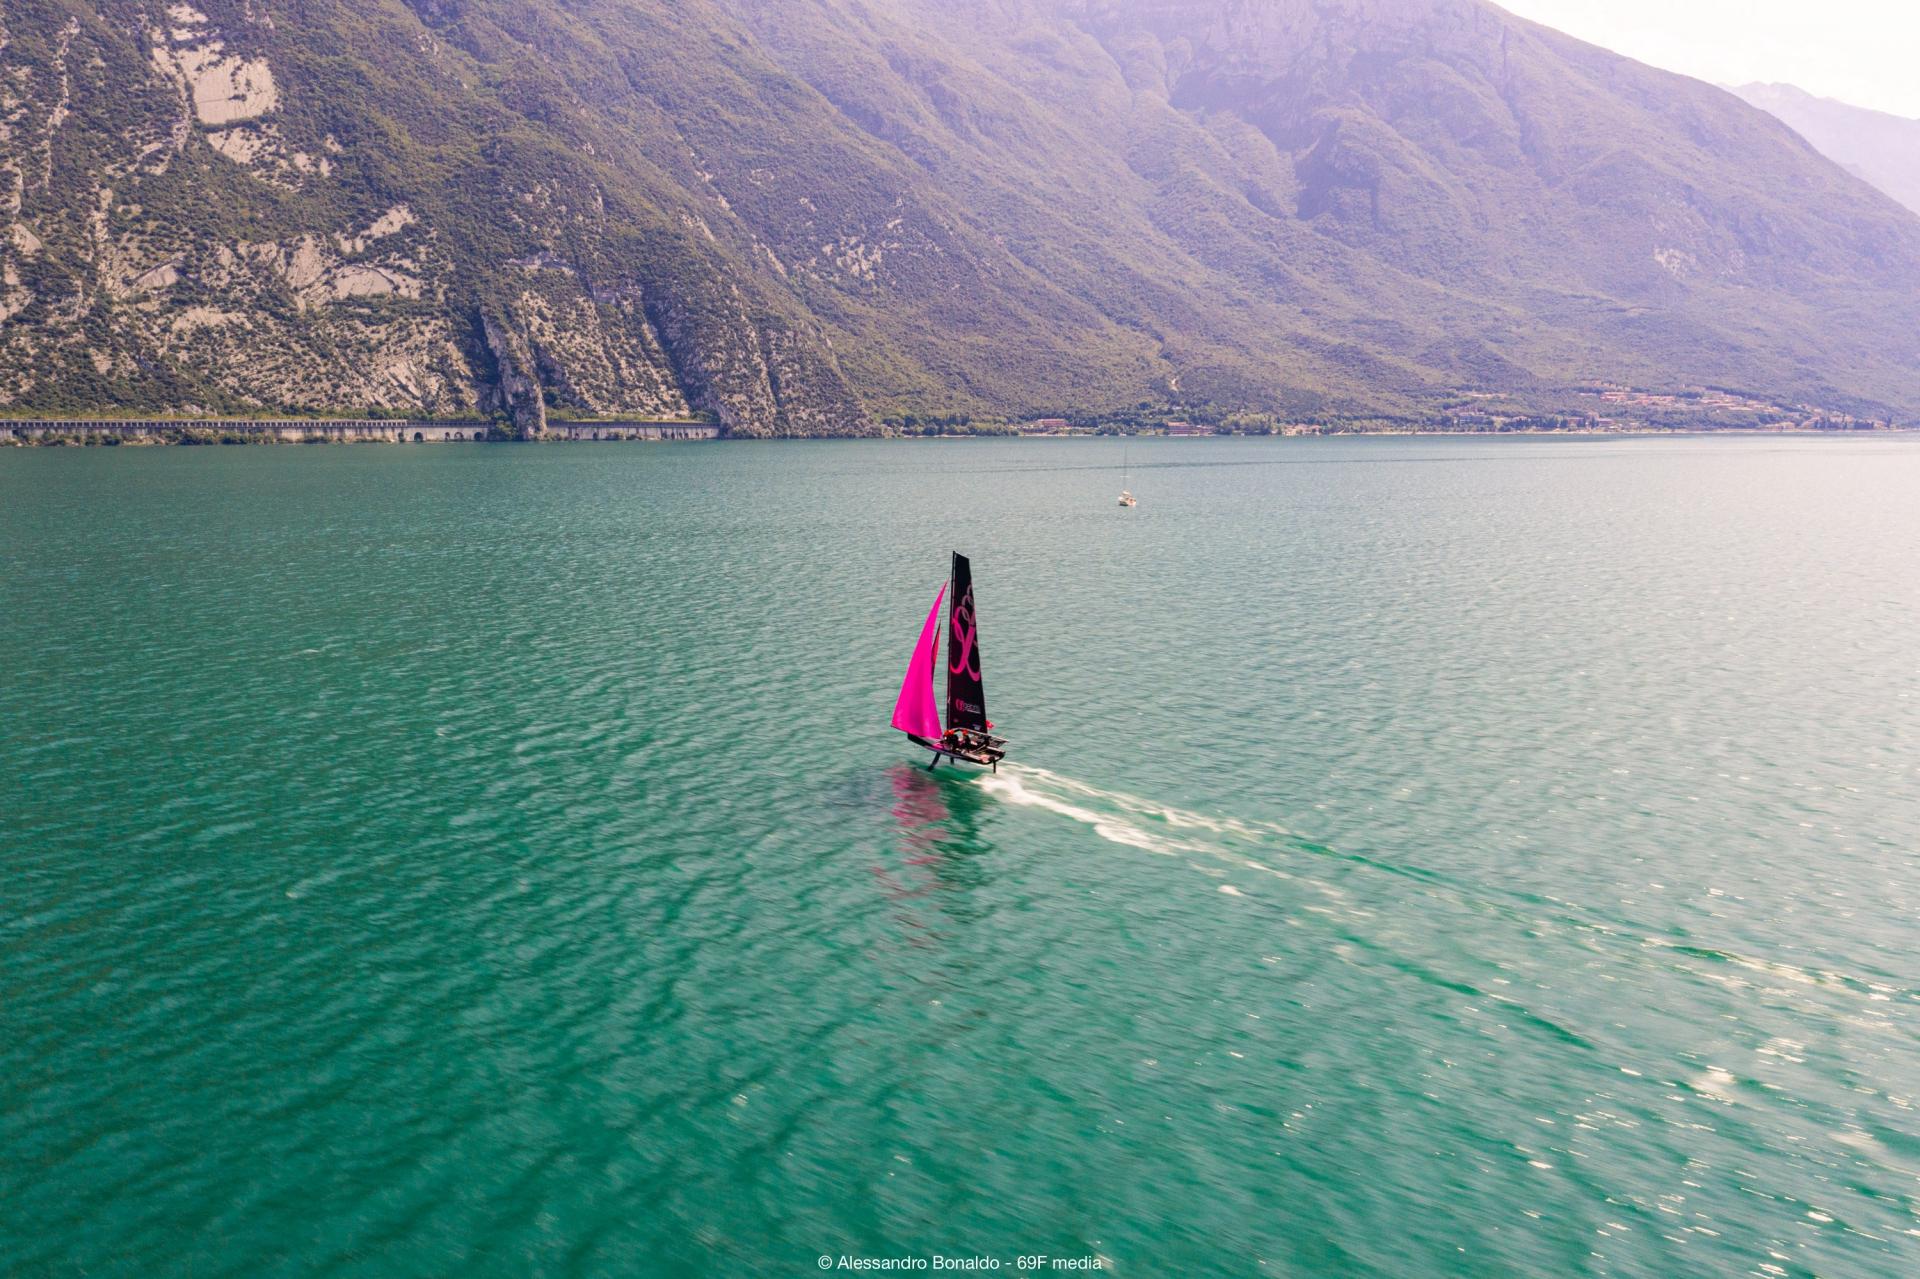 YFGC Act 2, Young Azzurra seconda dopo la prima giornata di finali  - MEMBER NEWS - Yacht Club Costa Smeralda